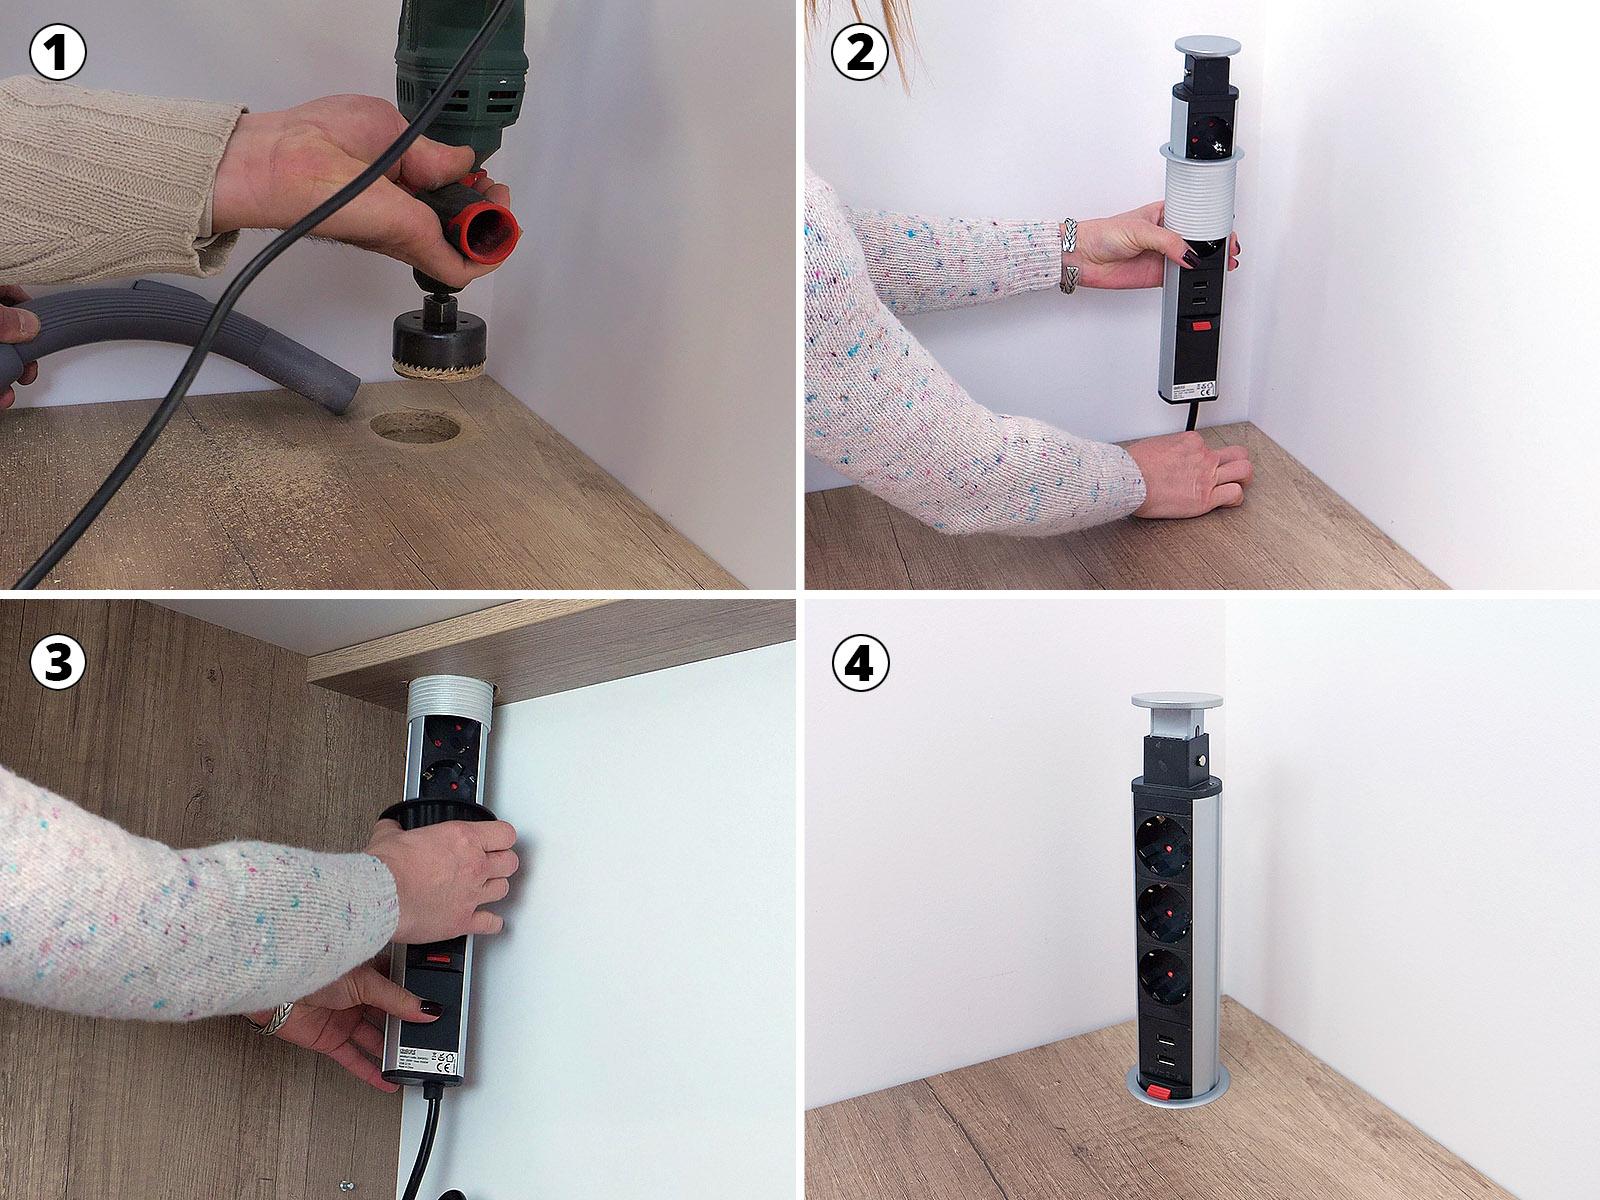 A bútorba építhető elosztó beépítése nem ördöngősség. Legfőképpen egy körkivágó fűrész és egy konnektor kell a beüzemeléshez.